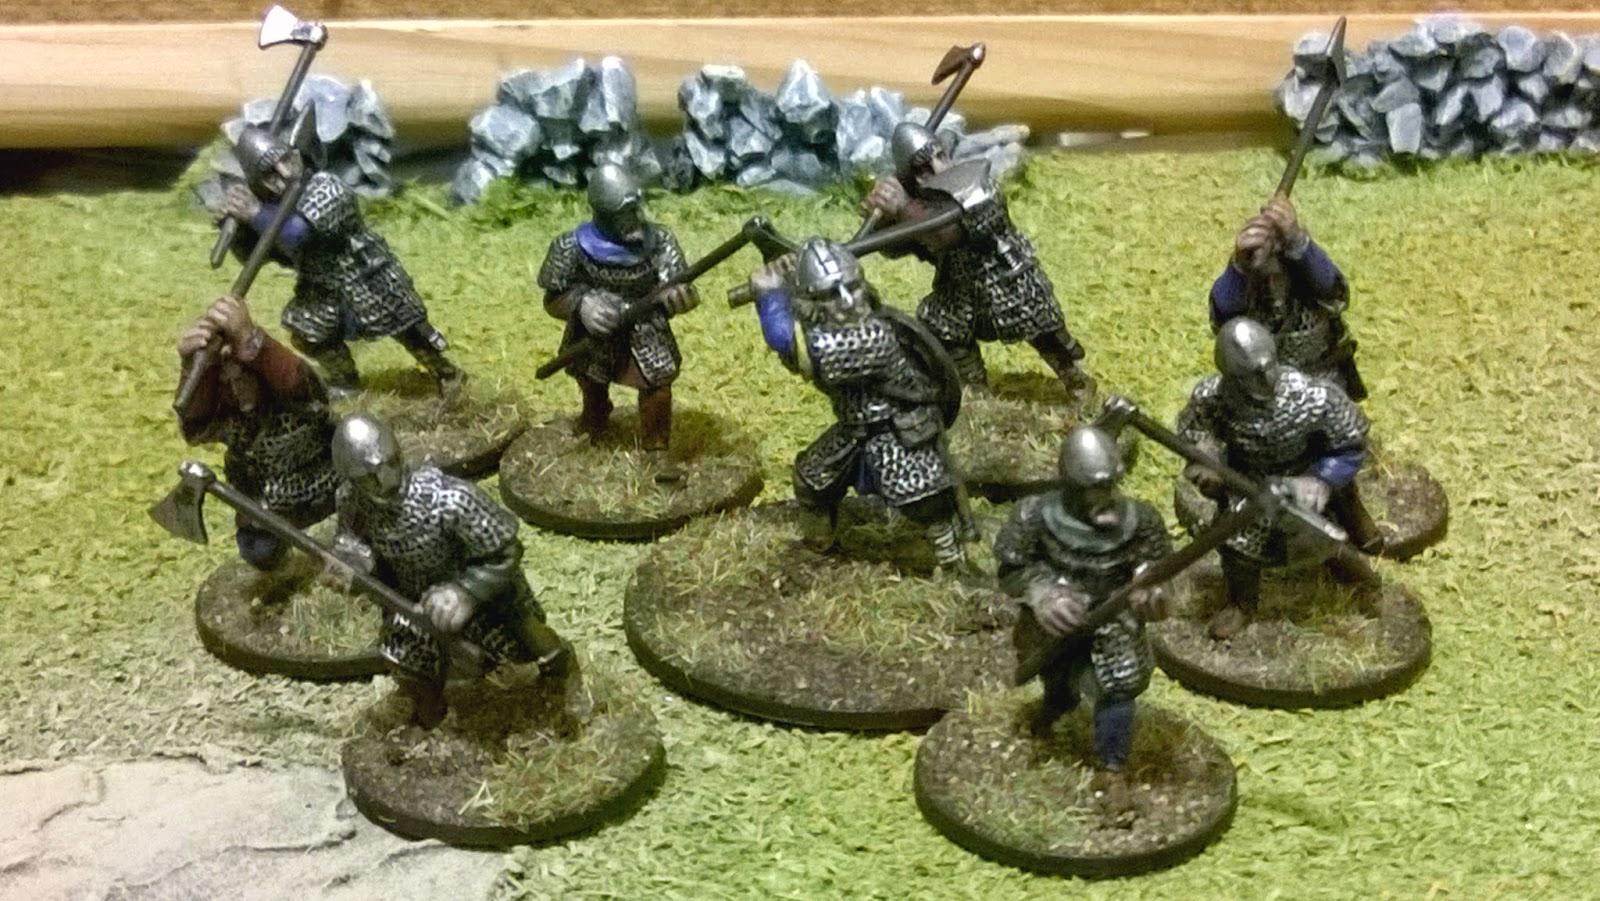 Saga anglo-dane warlord and huscarls